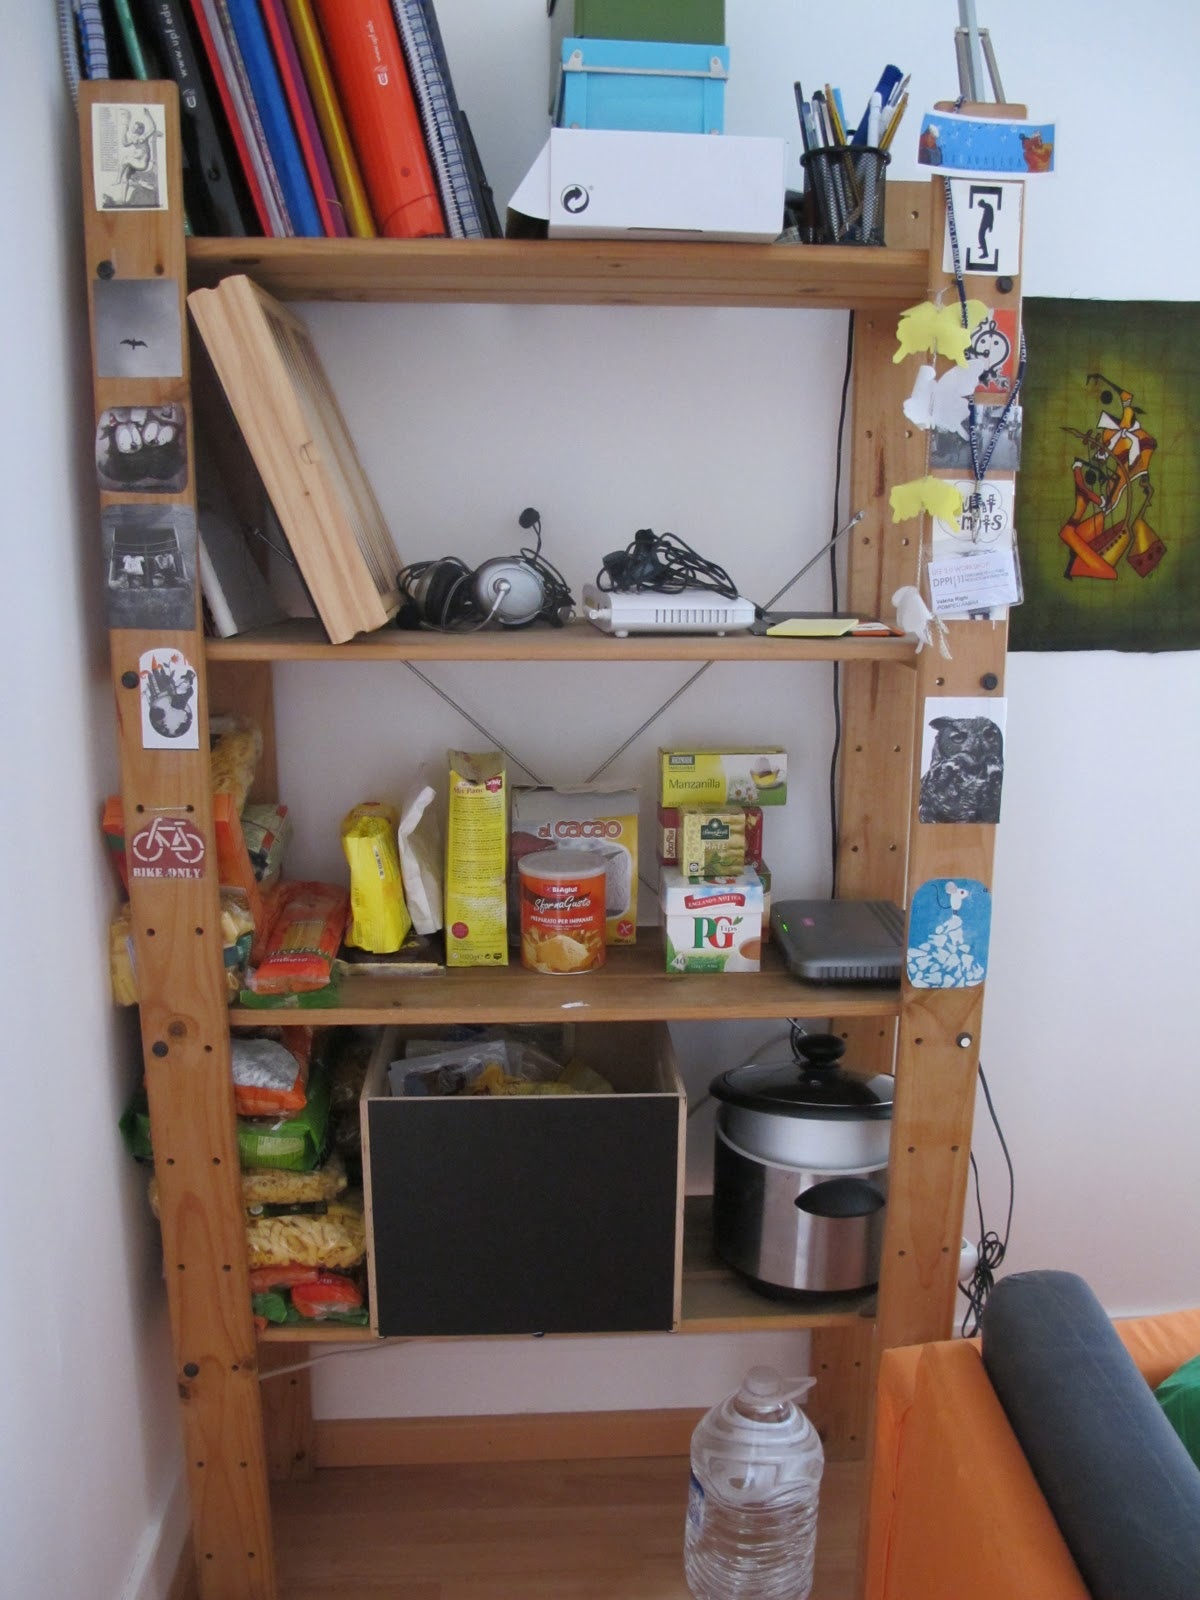 Muebles segunda mano bcn estanteria ikea gorm 8 euro - Ikea cubo ropa ...